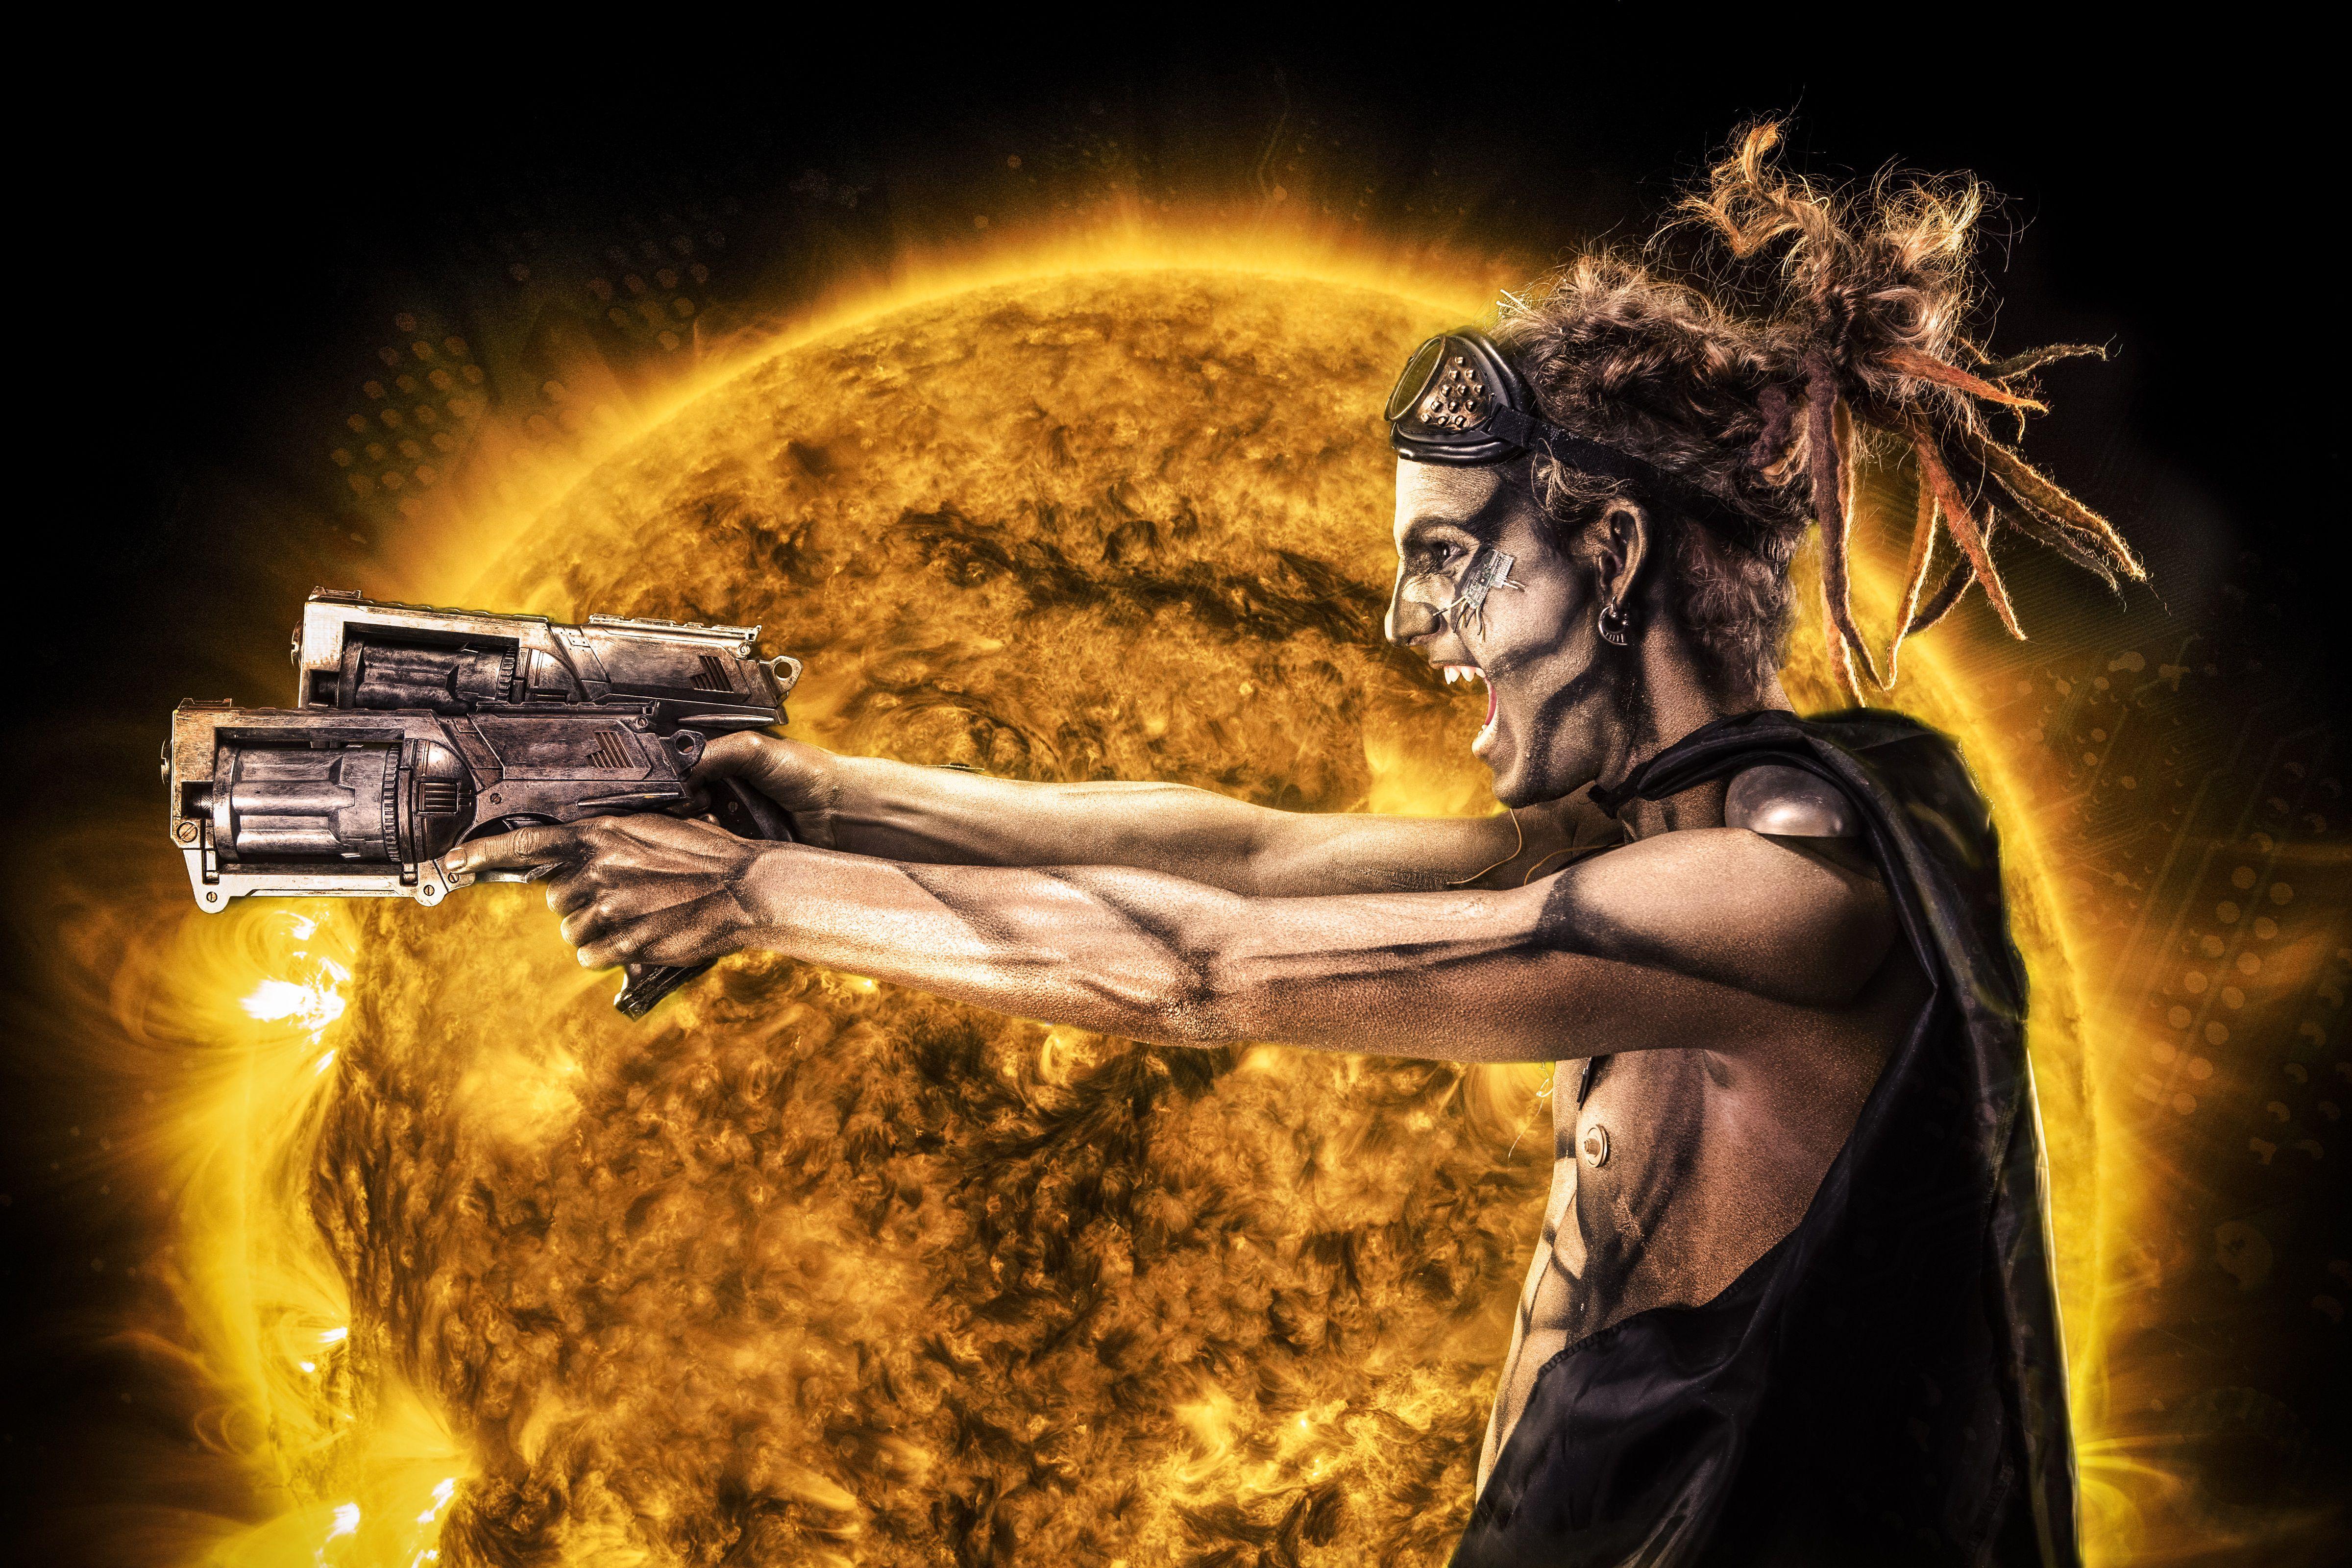 Steampunk Cyborg Warrior Eclipse